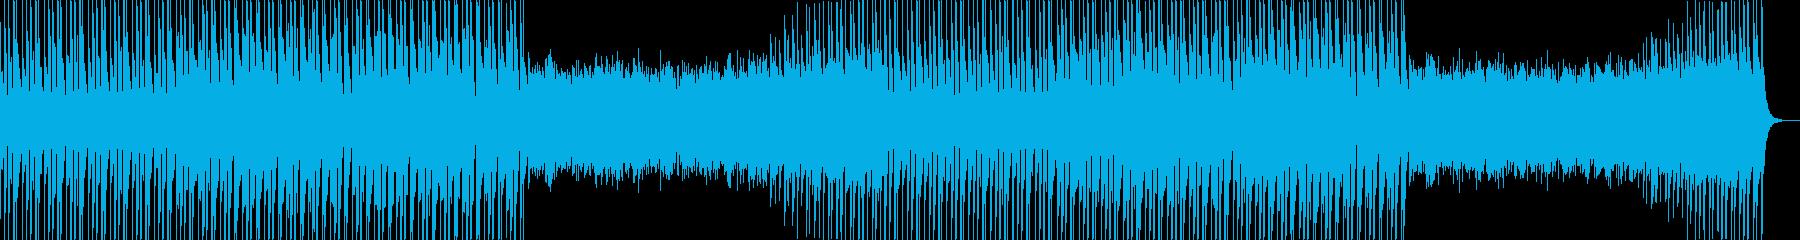 朝の爽やかなニュースでシンセBGMの再生済みの波形